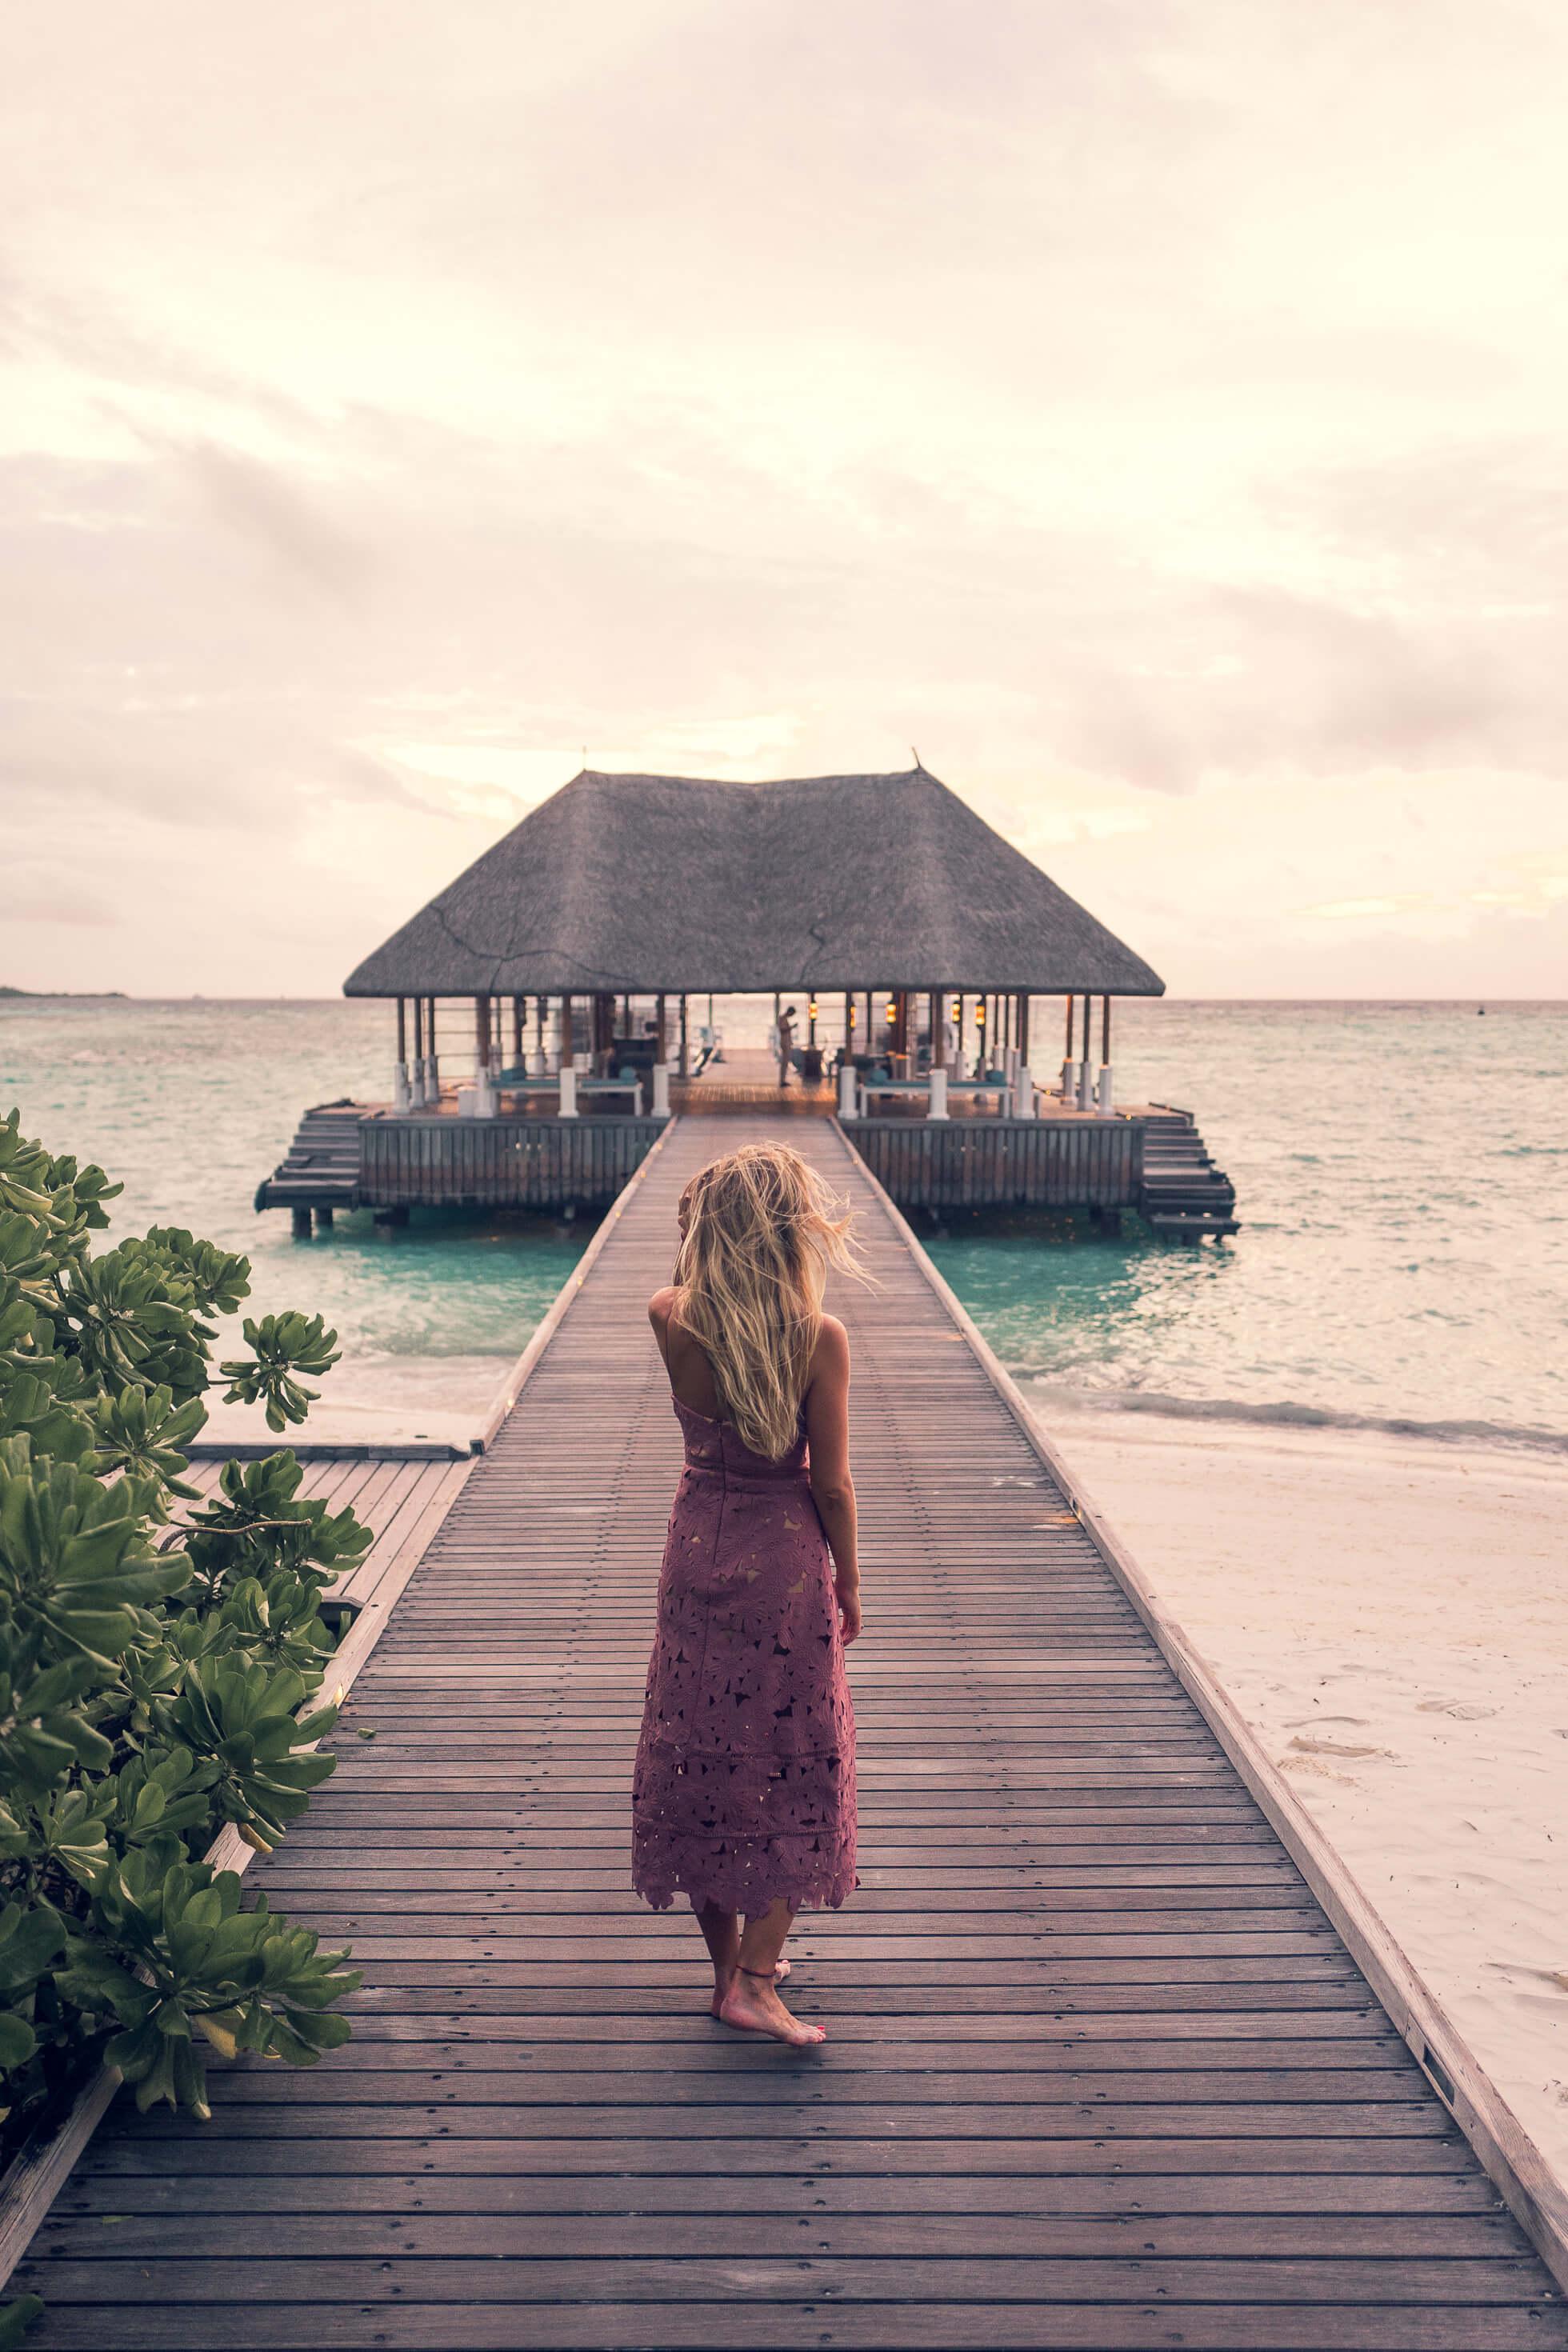 janni-deler-maldives-snapshotsl1150107